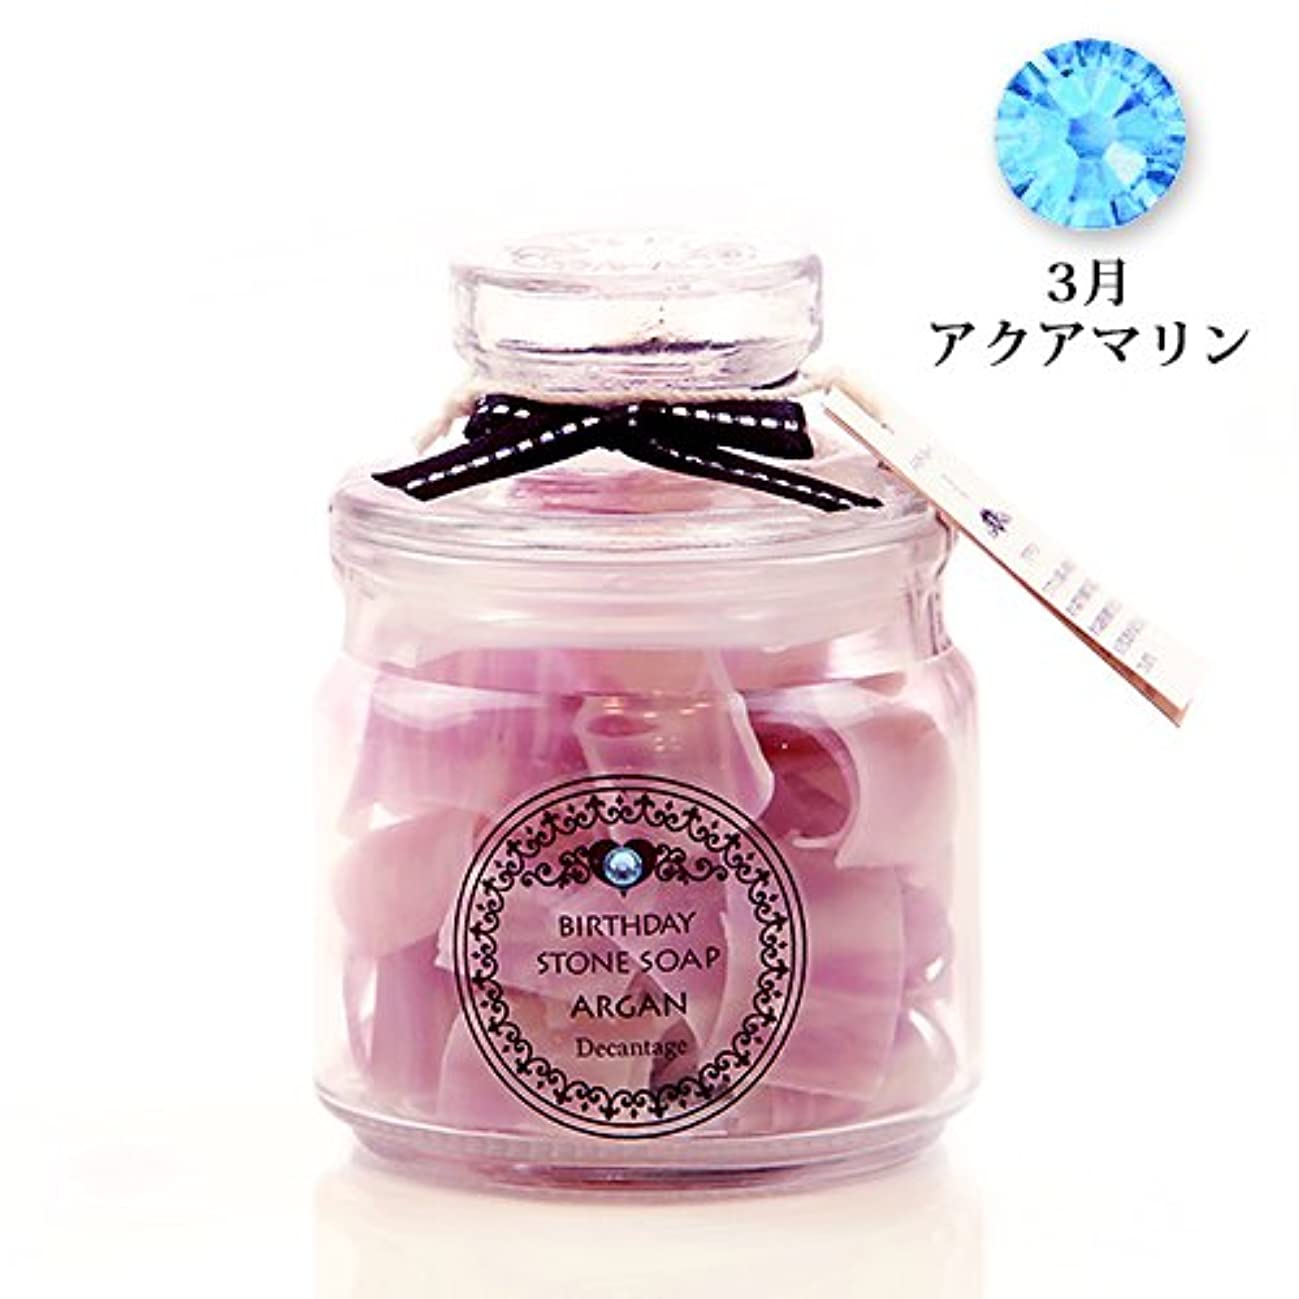 石鹸重量劣る誕生月で選べる「バースデーストーンソープ アルガン」3月誕生石(アクアマリン)